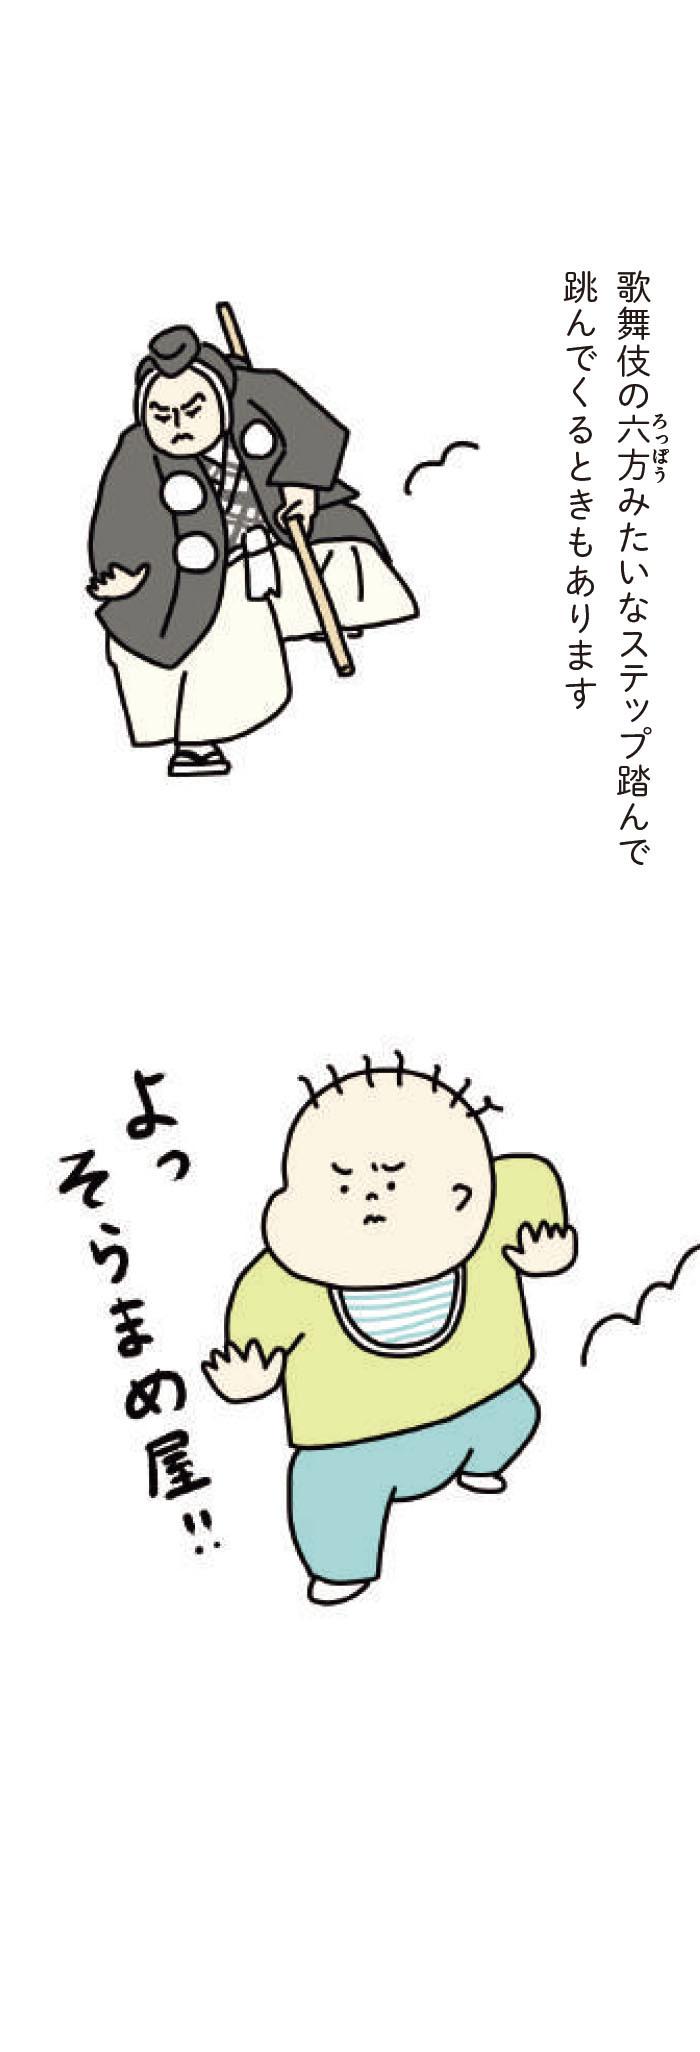 スリラーからのカカシからのひげダンス!!歩き出しスタイル三段活用の画像2